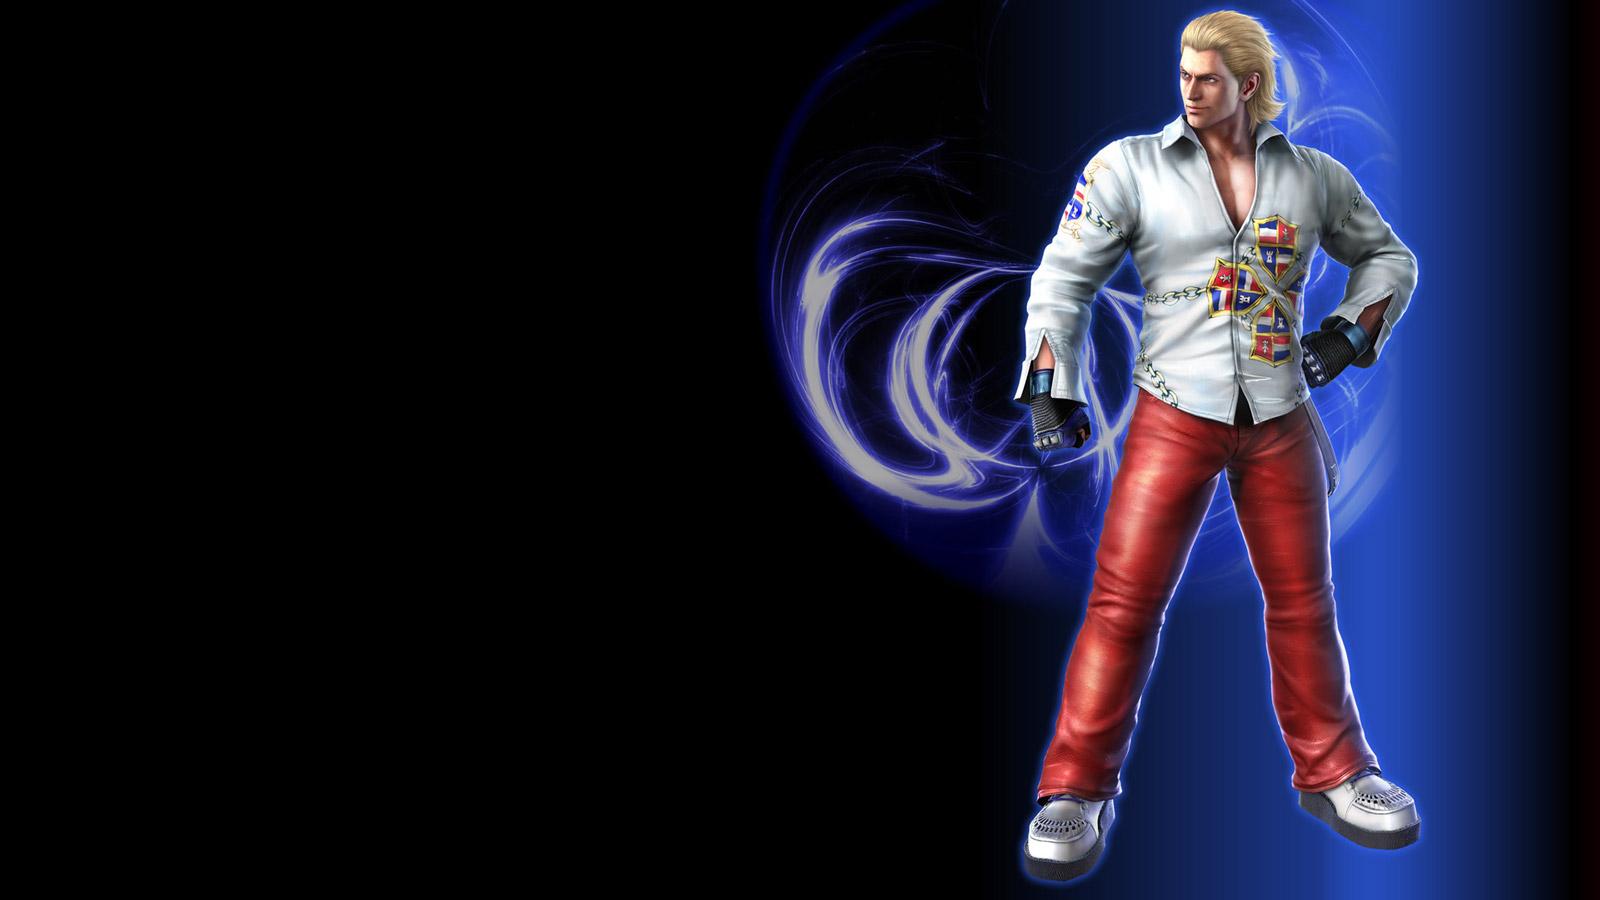 Tekken 7 Wallpaper in 1600x900